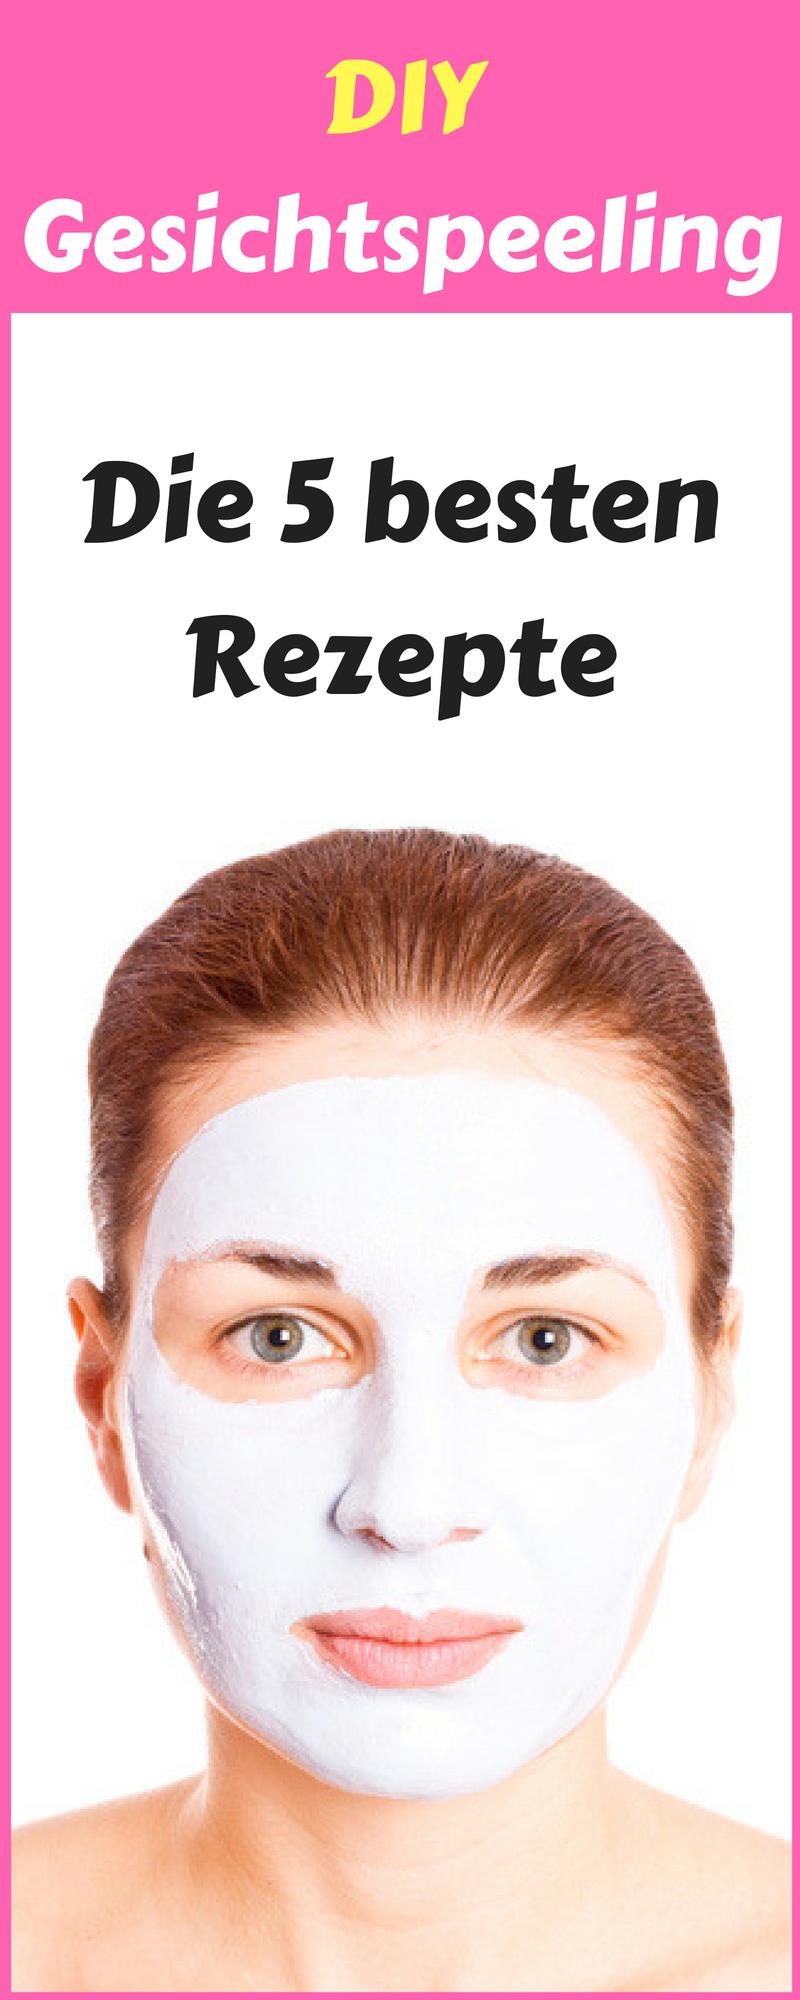 Diy Gesichtspeeling 5 Einfache Rezepte Korperpflege Cellulite